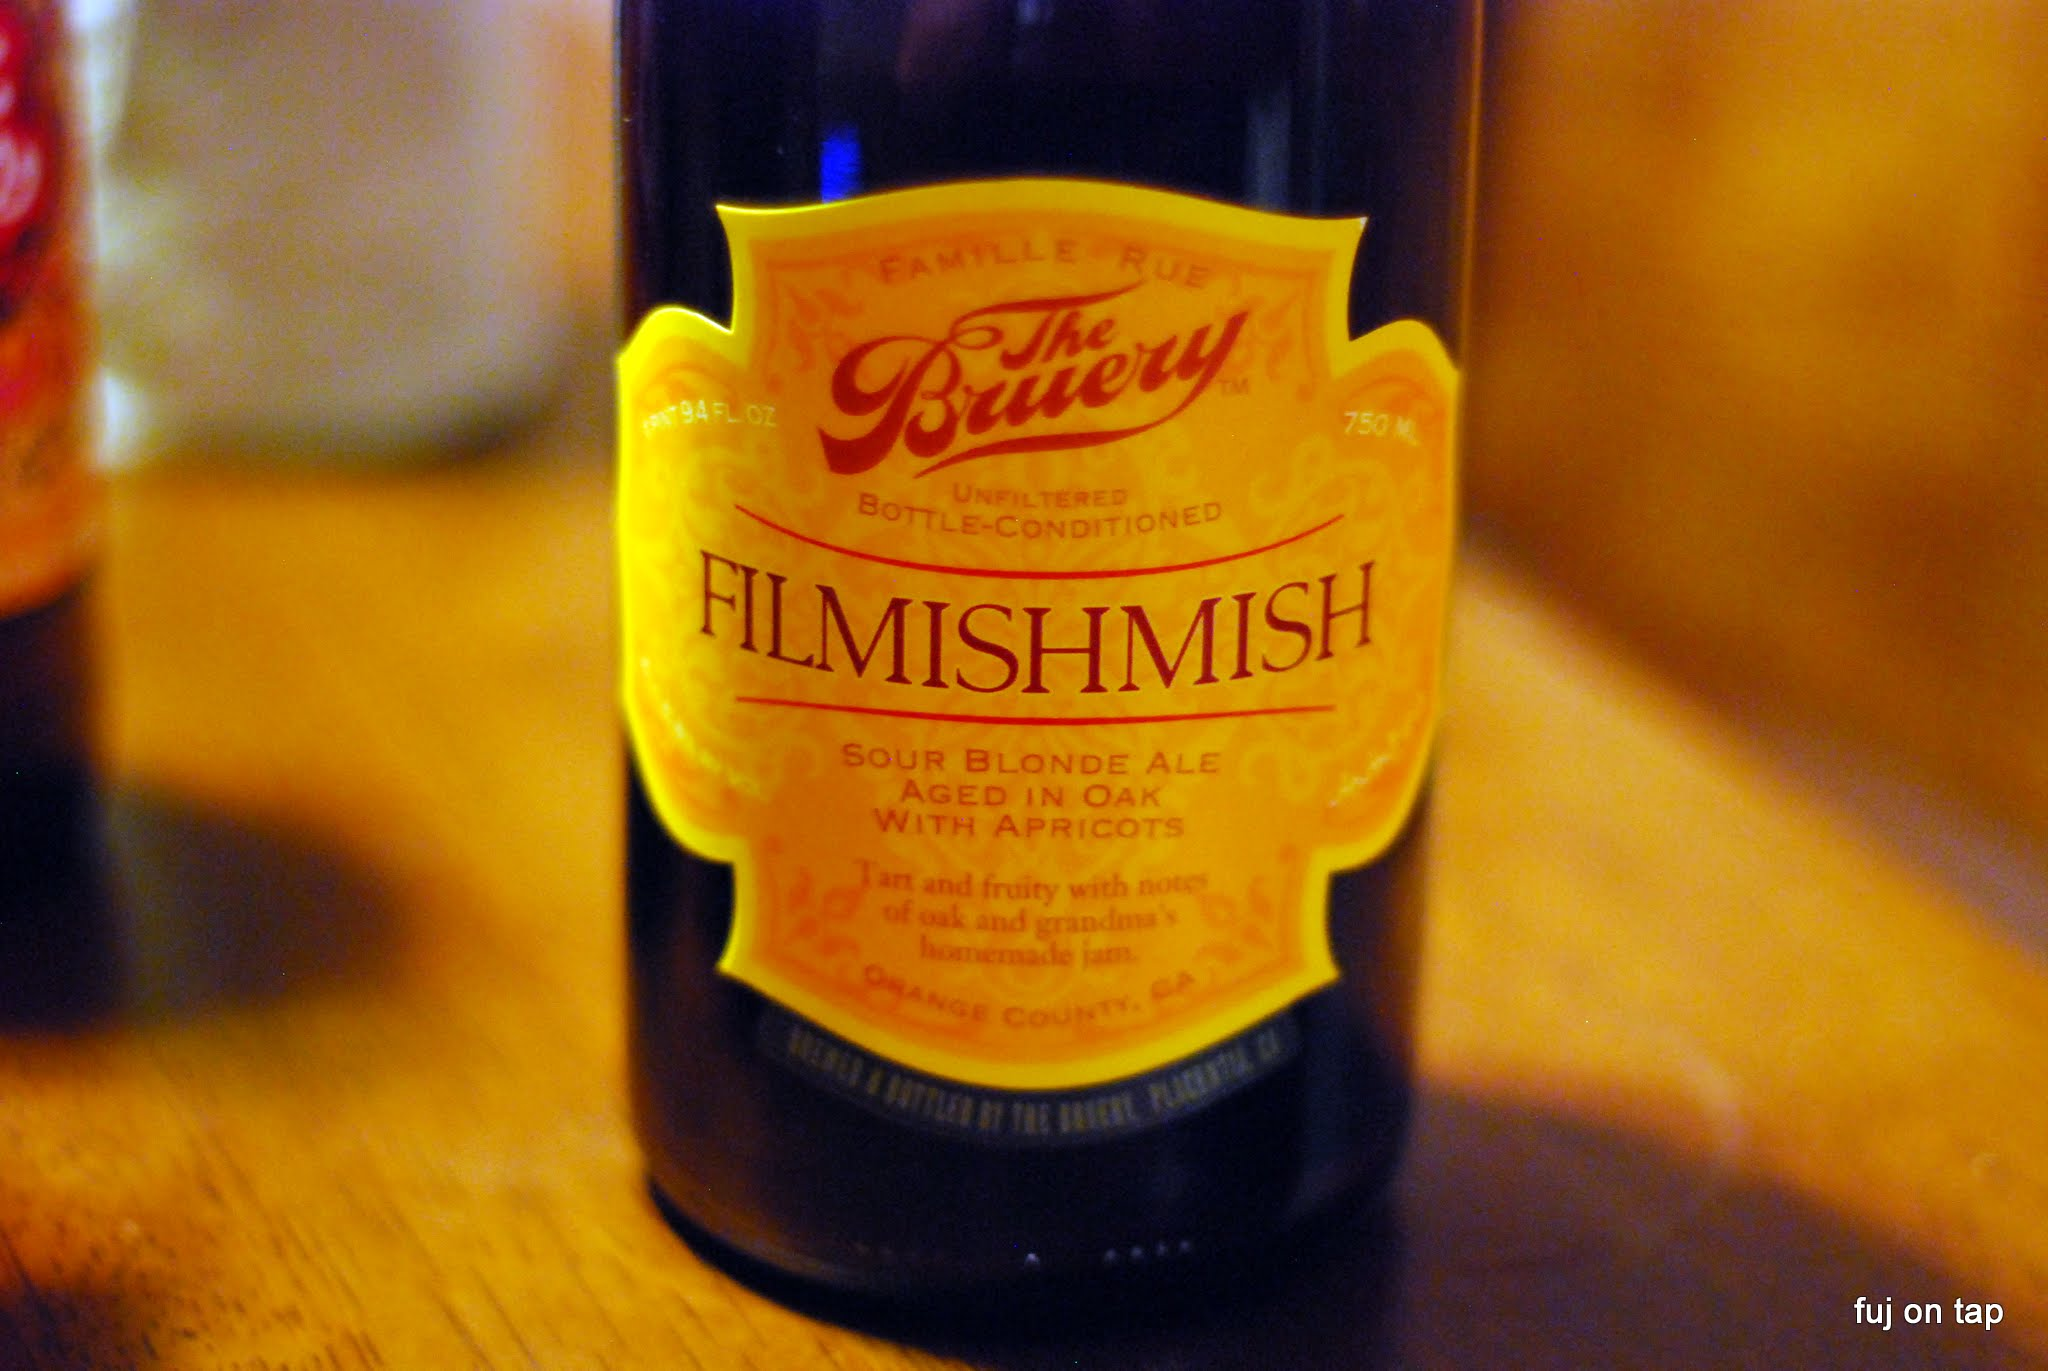 The Bruery Filmishmish